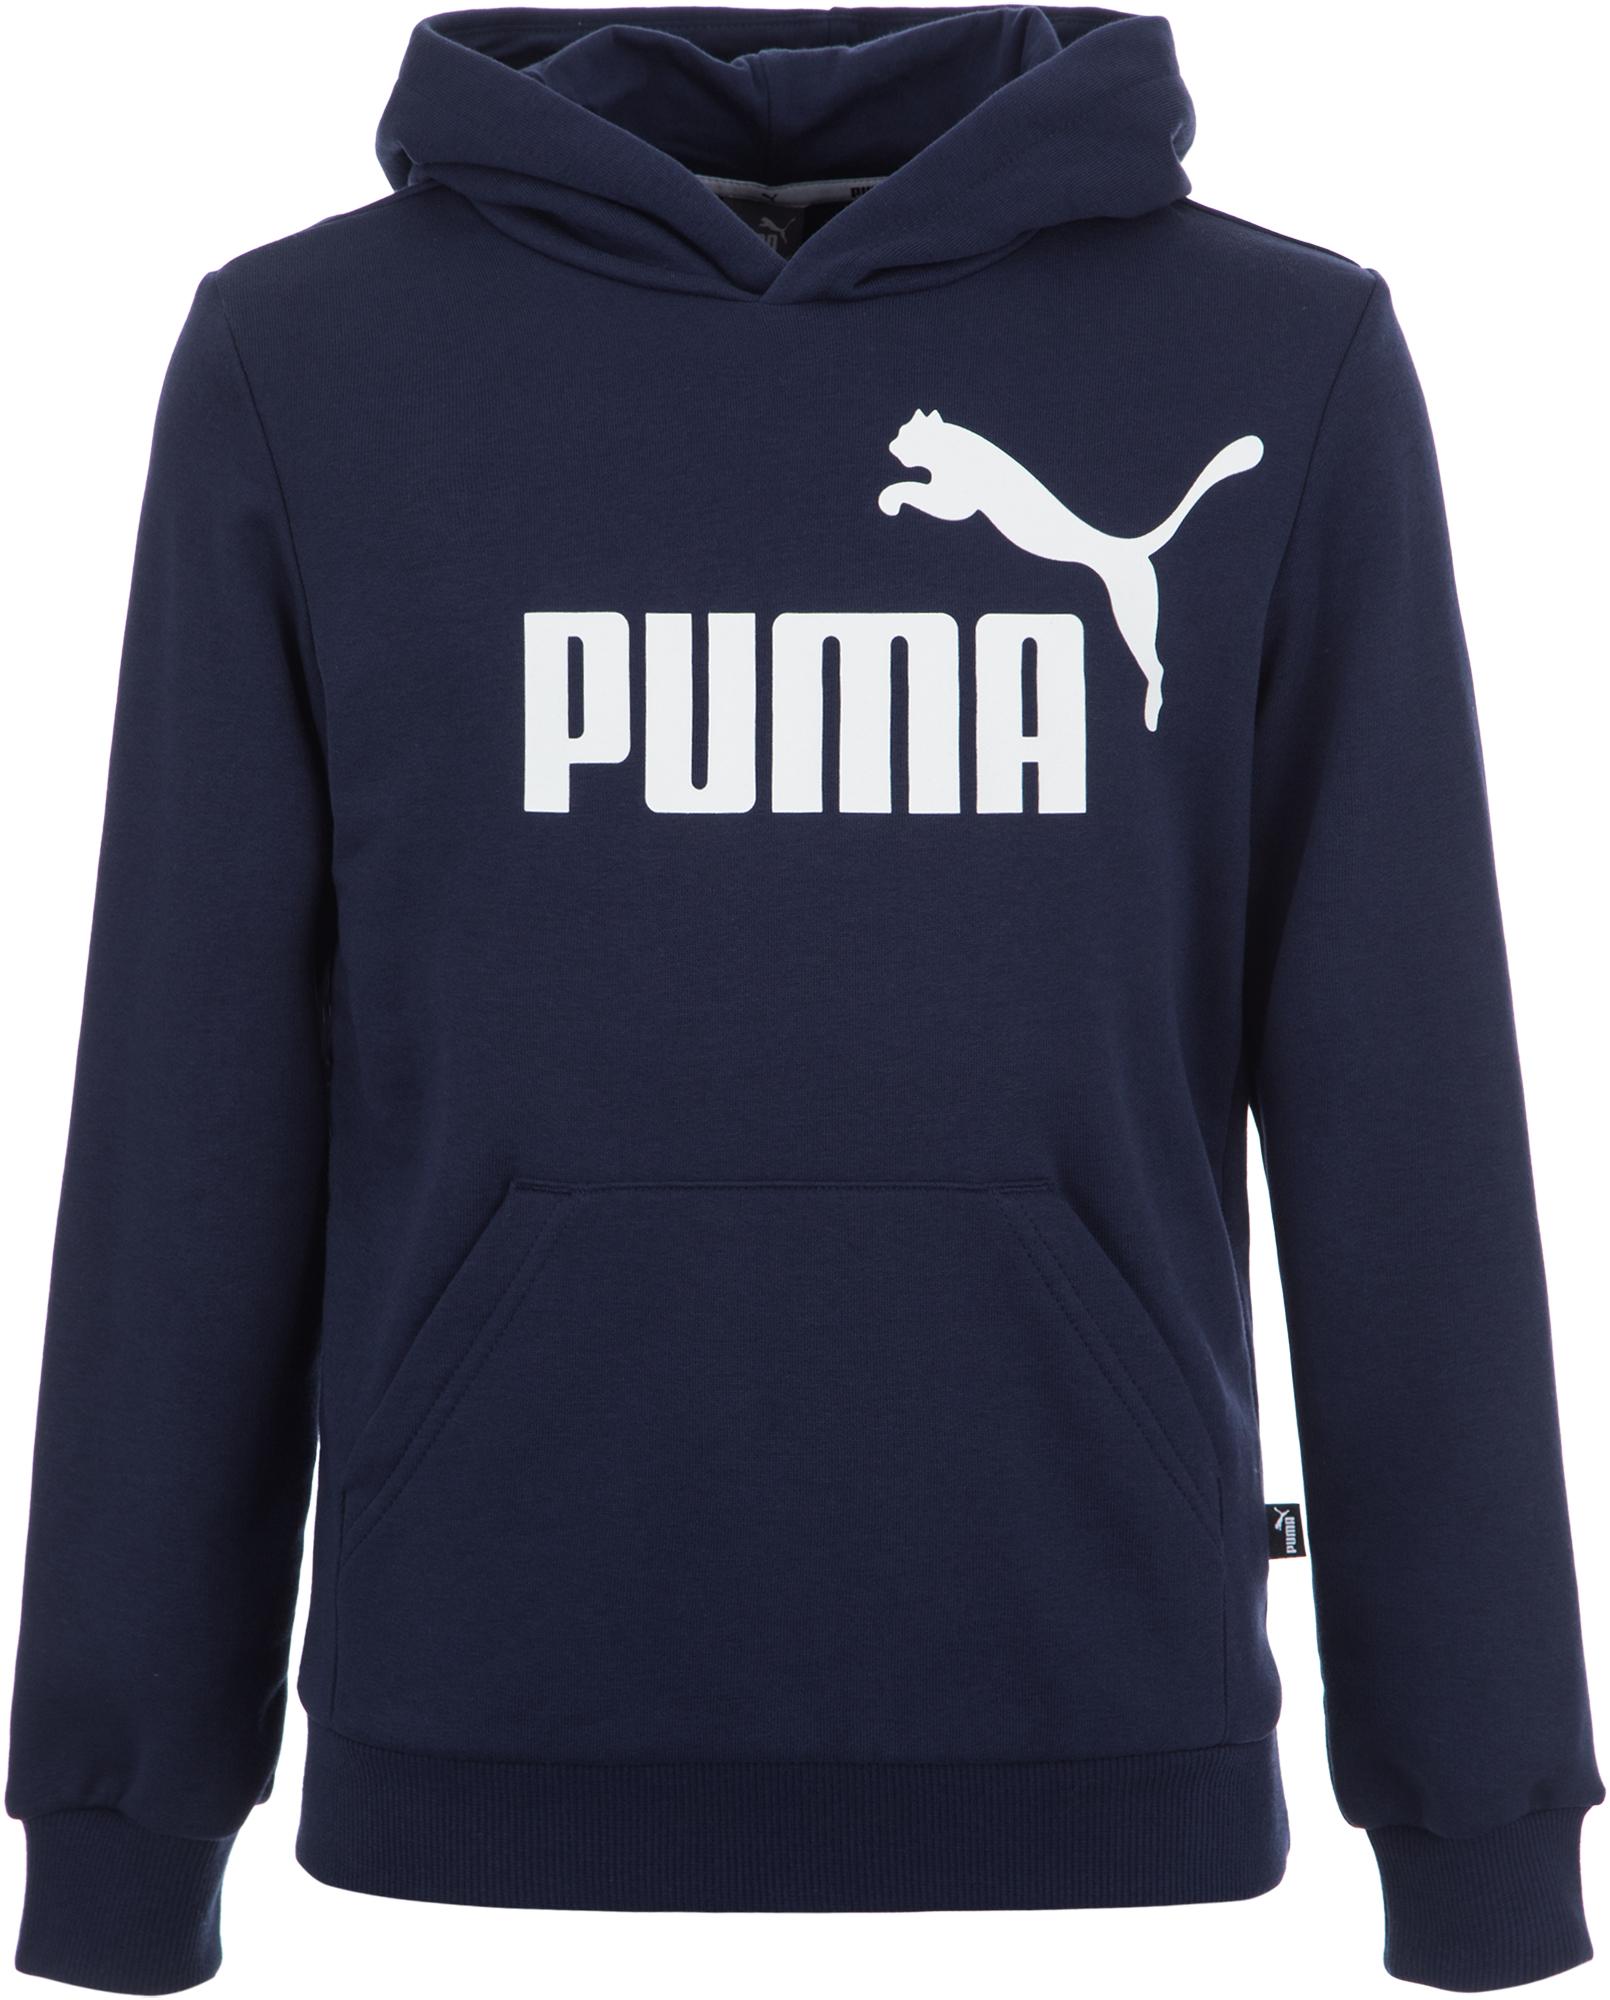 Puma Джемпер для мальчиков Puma ESS Logo, размер 128 цена в Москве и Питере